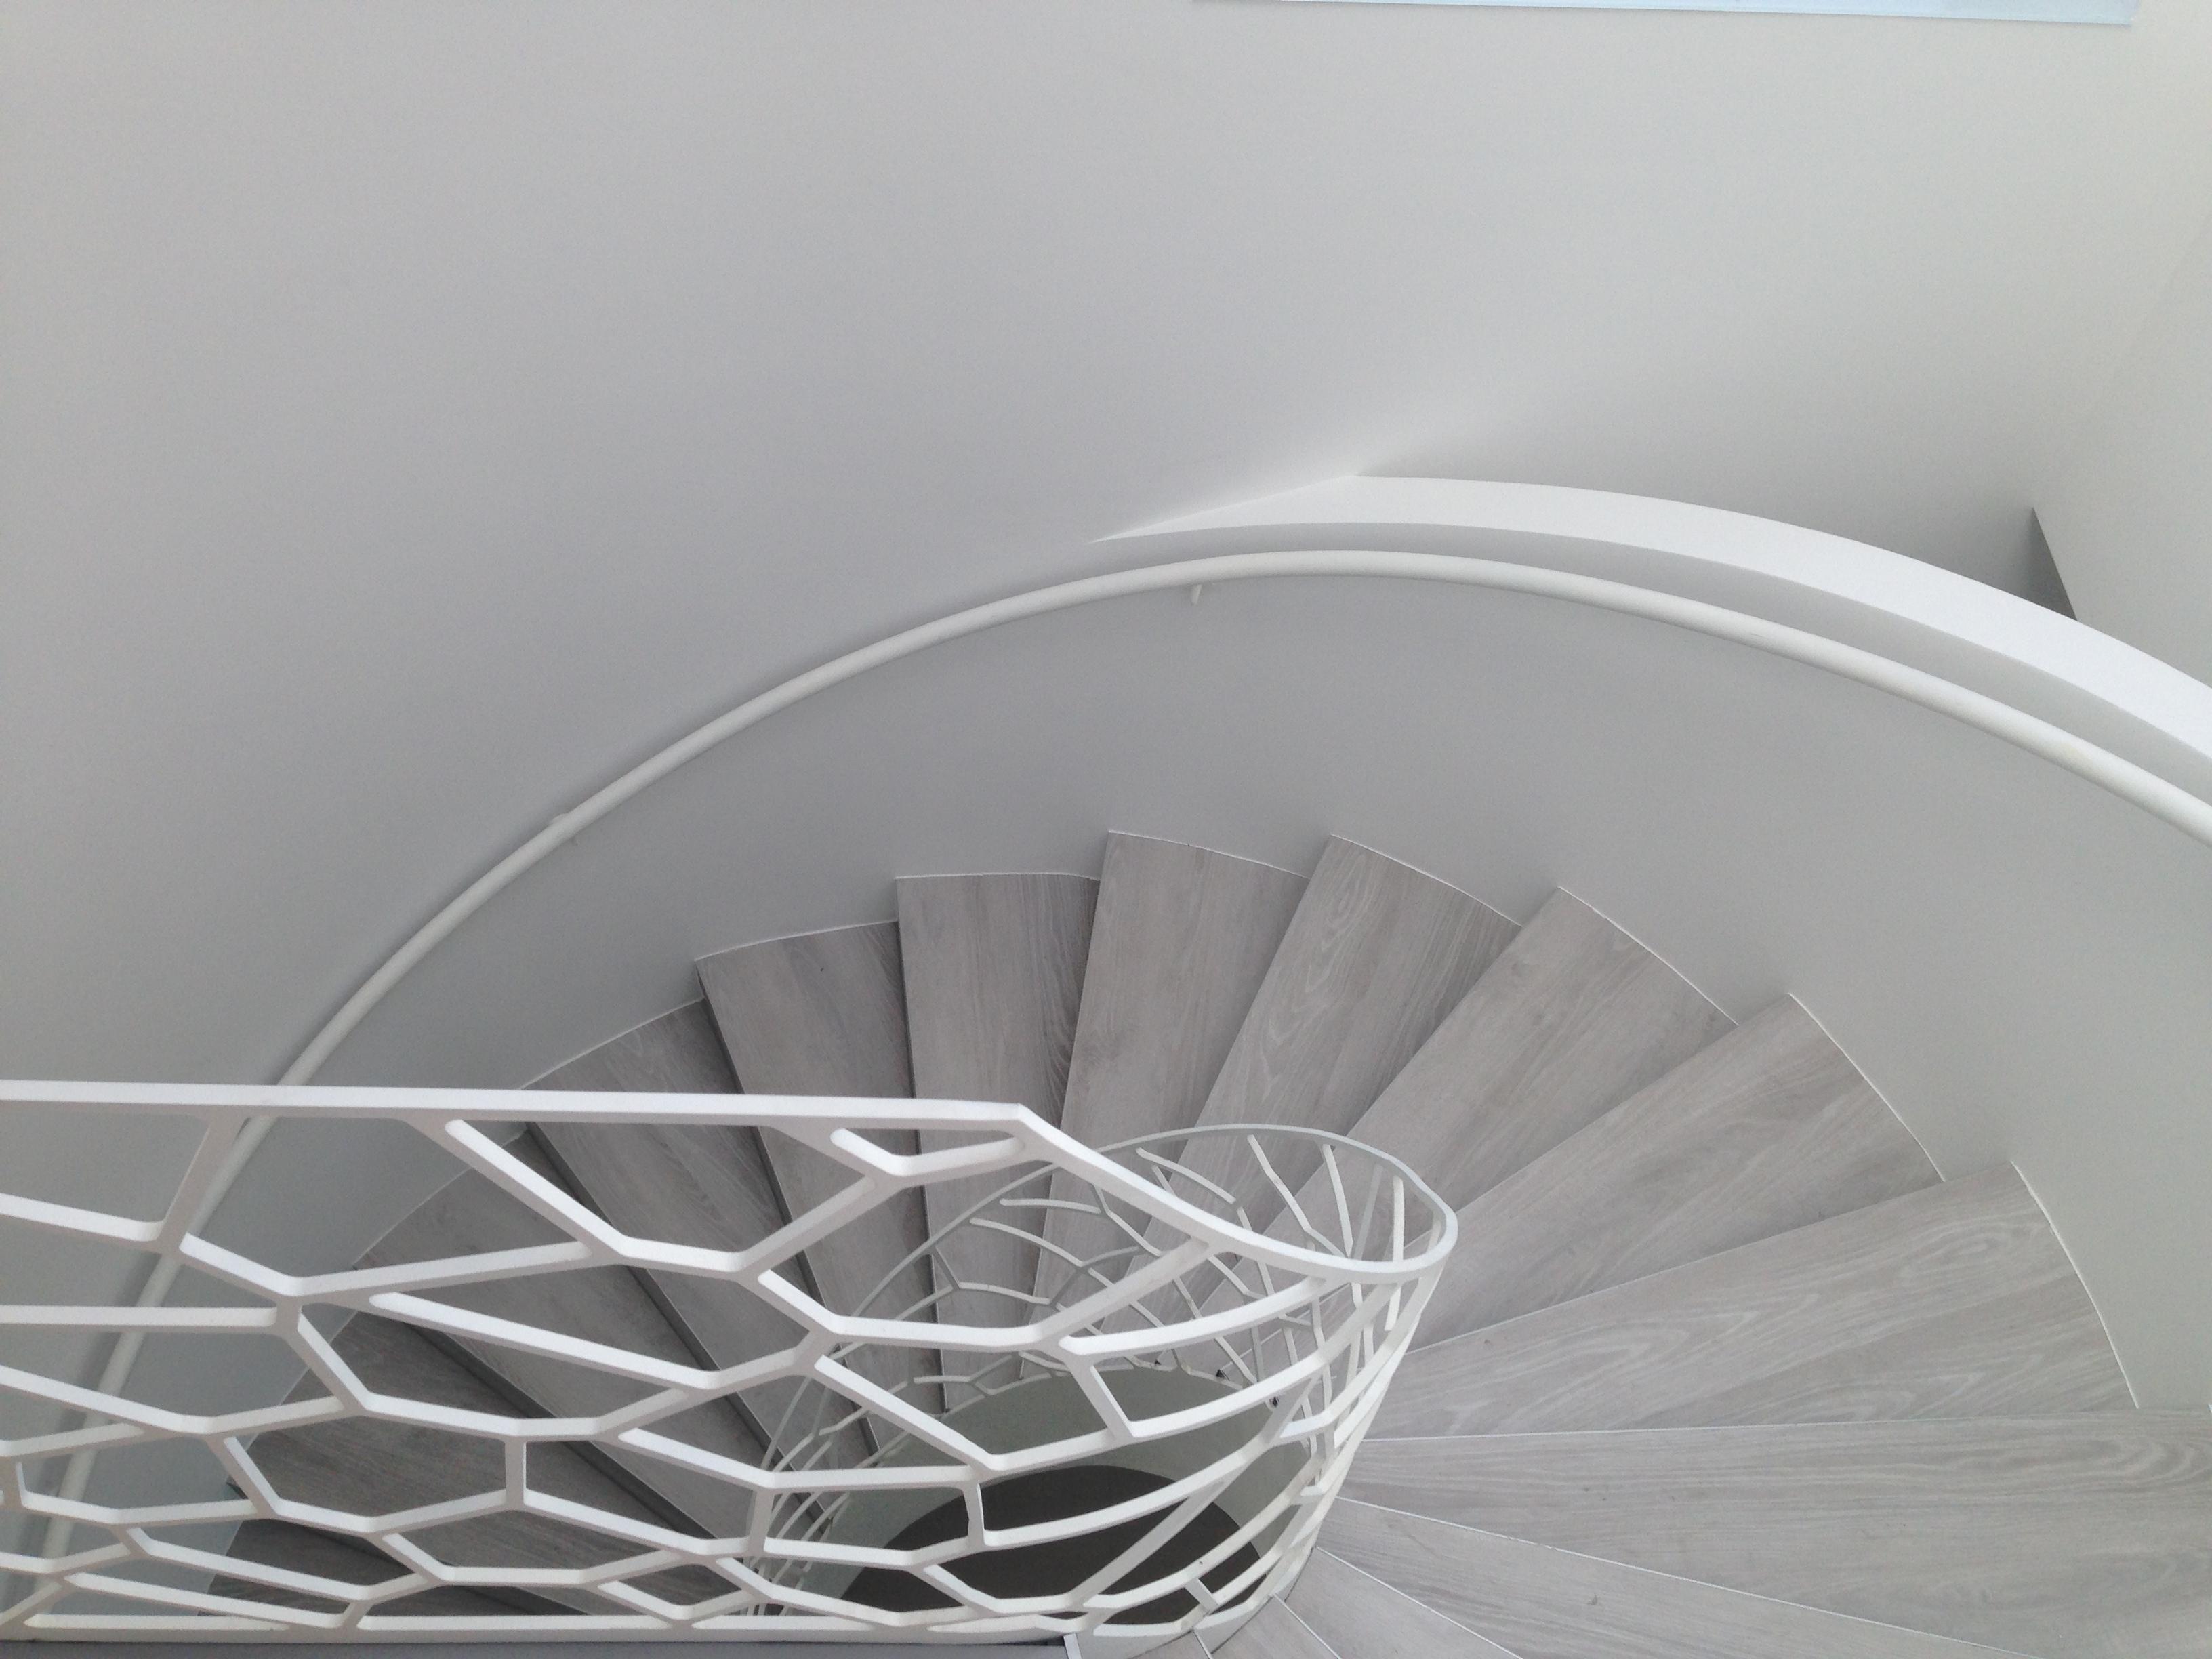 balustrada_circulara_otel_laser_voronoi2